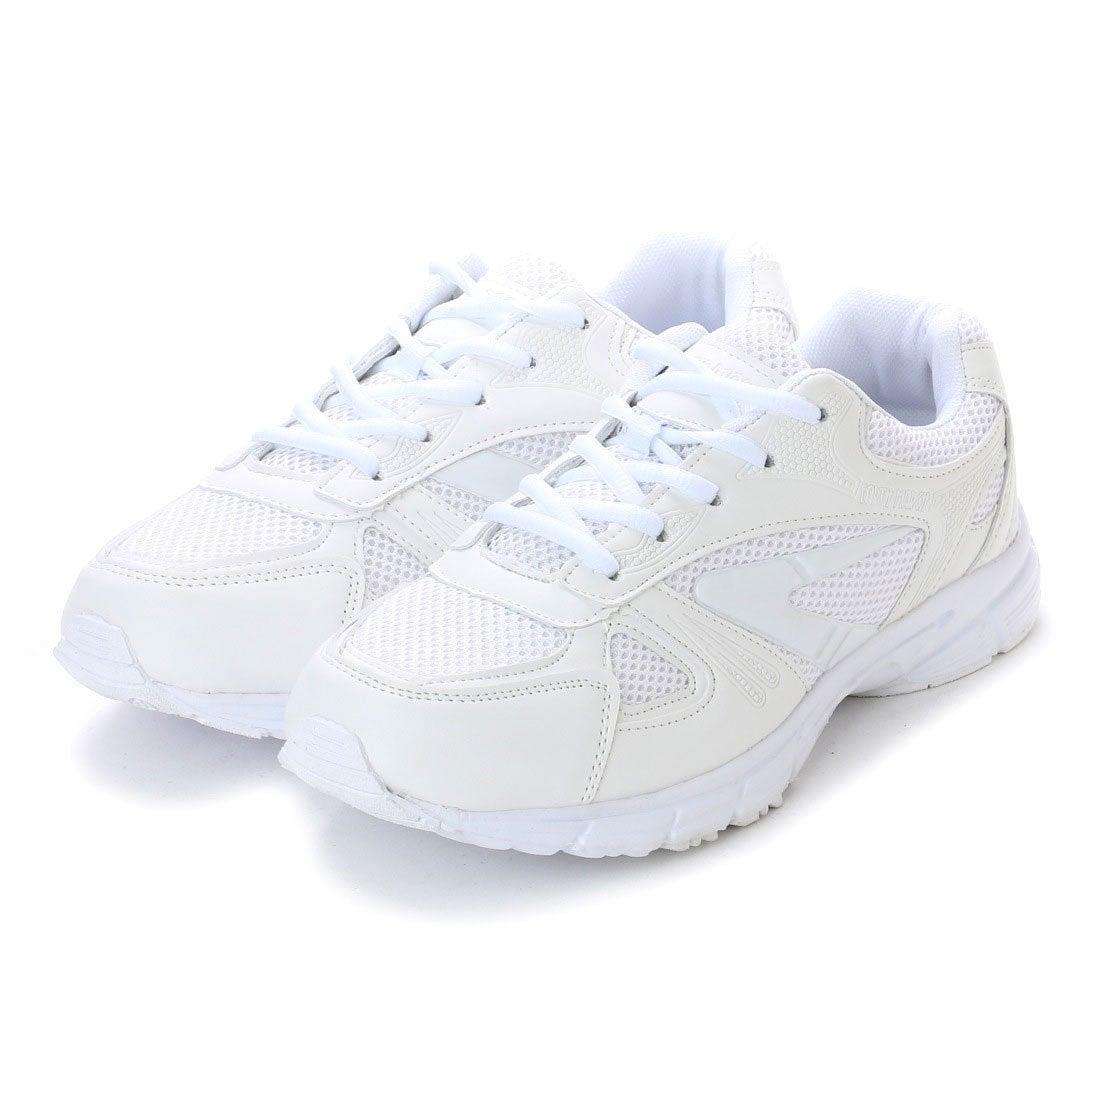 アースマーチ EARTH MARCH シンプルスニーカー 白い運動靴